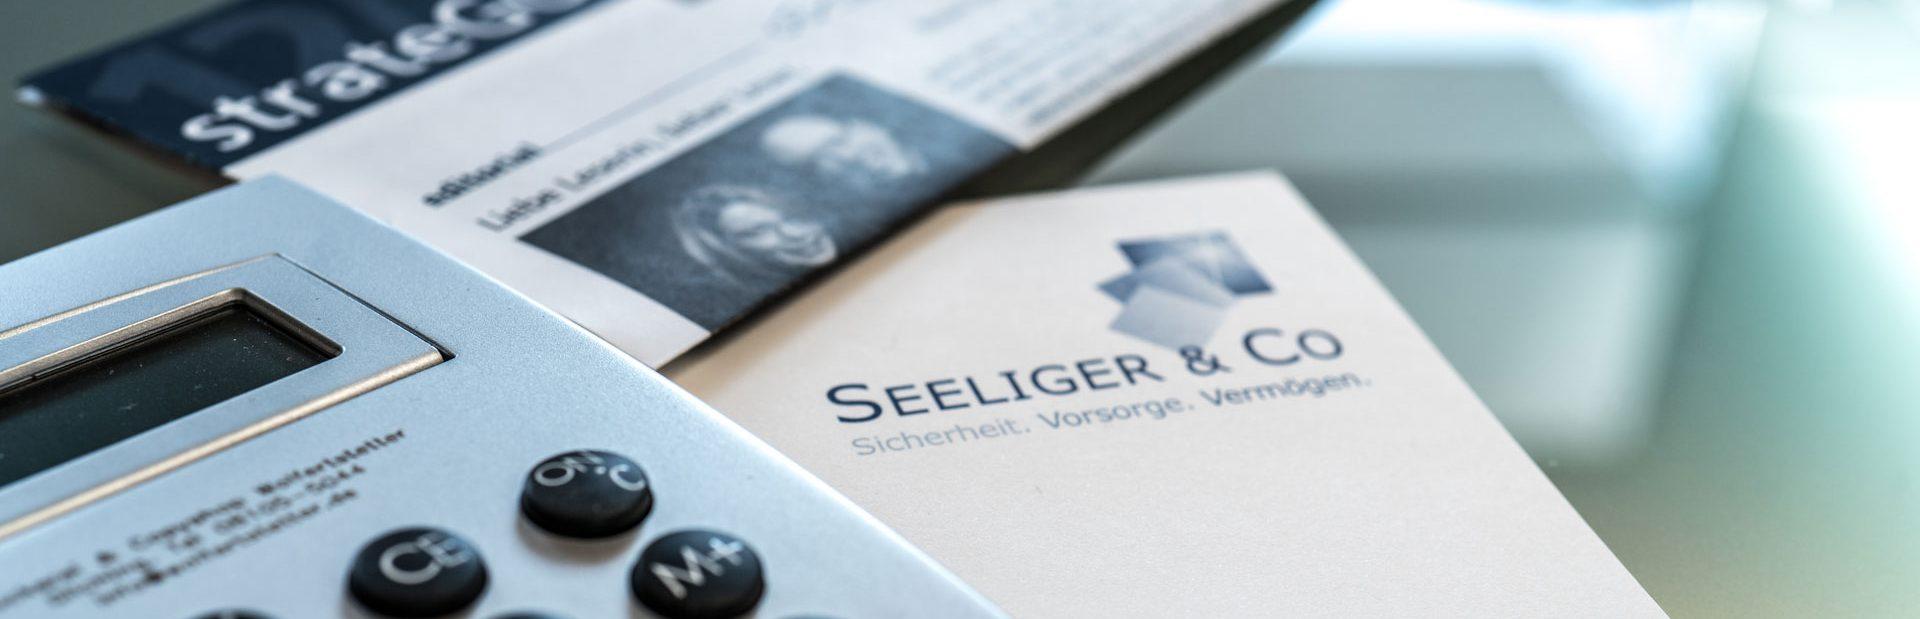 Seeliger & Co. GmbH - Vermögen